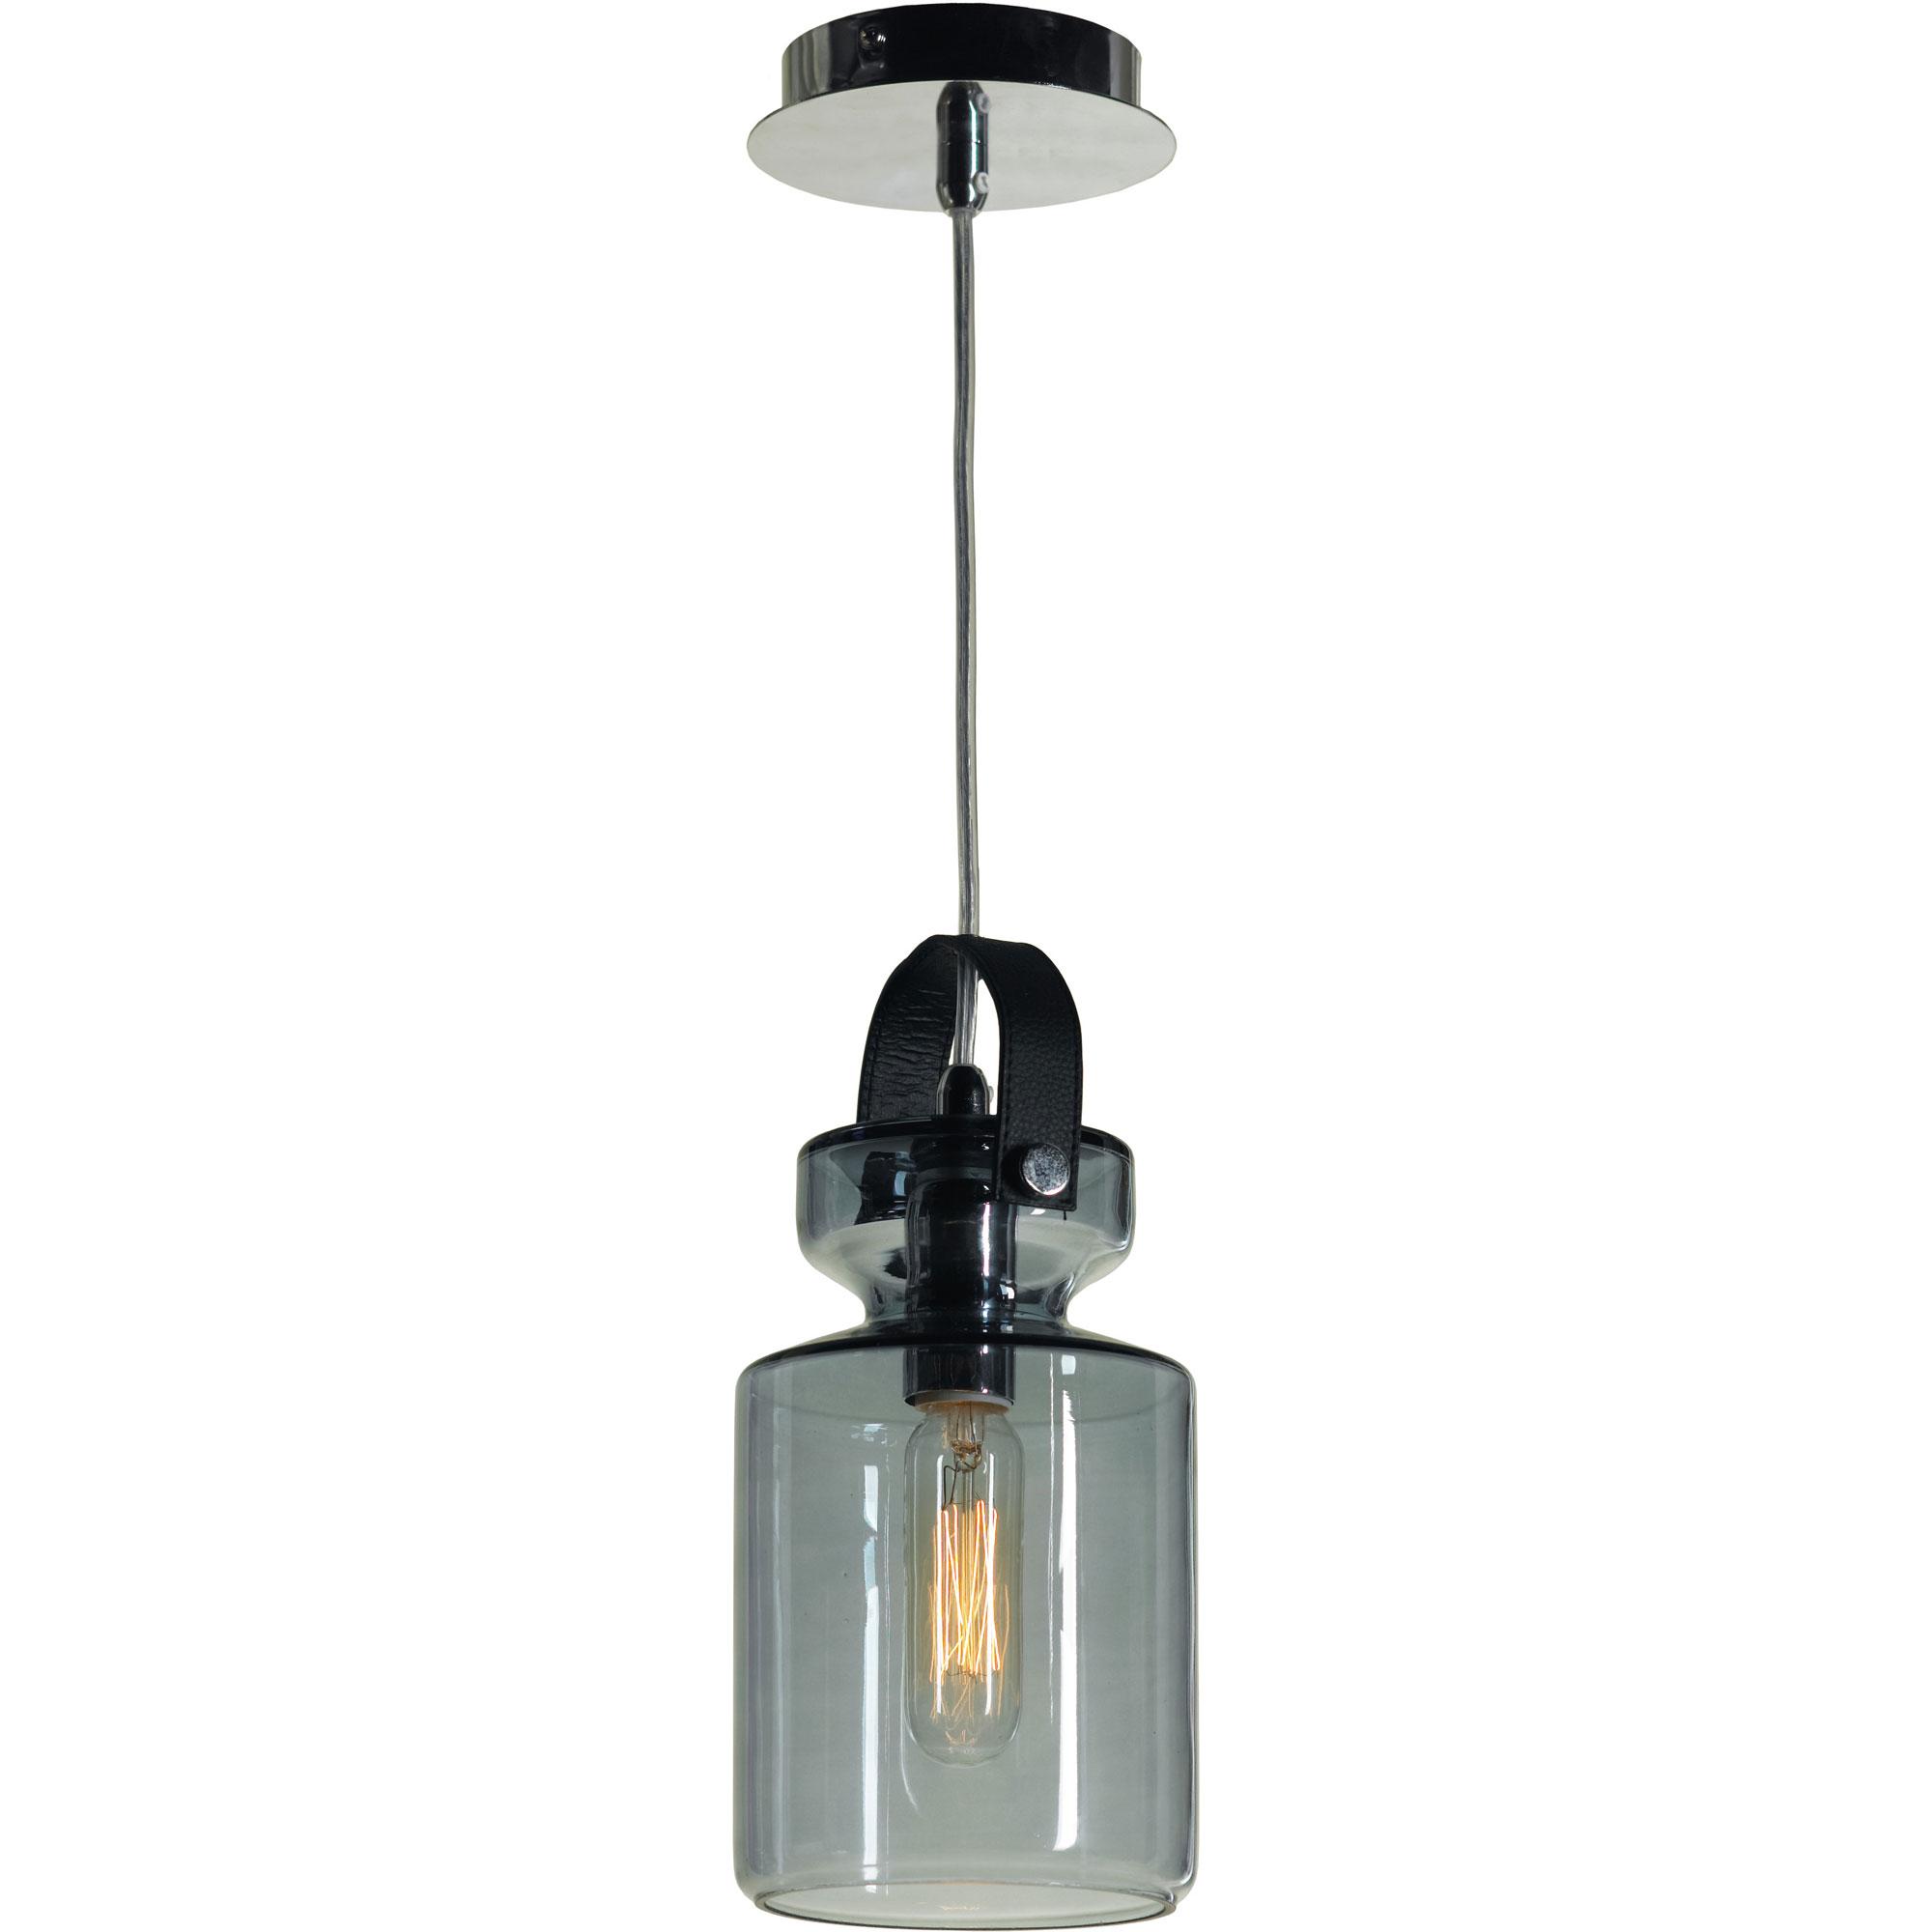 Светильник подвесной Loft Lsp-9639 подвесной светильник la lampada 130 l 130 8 40